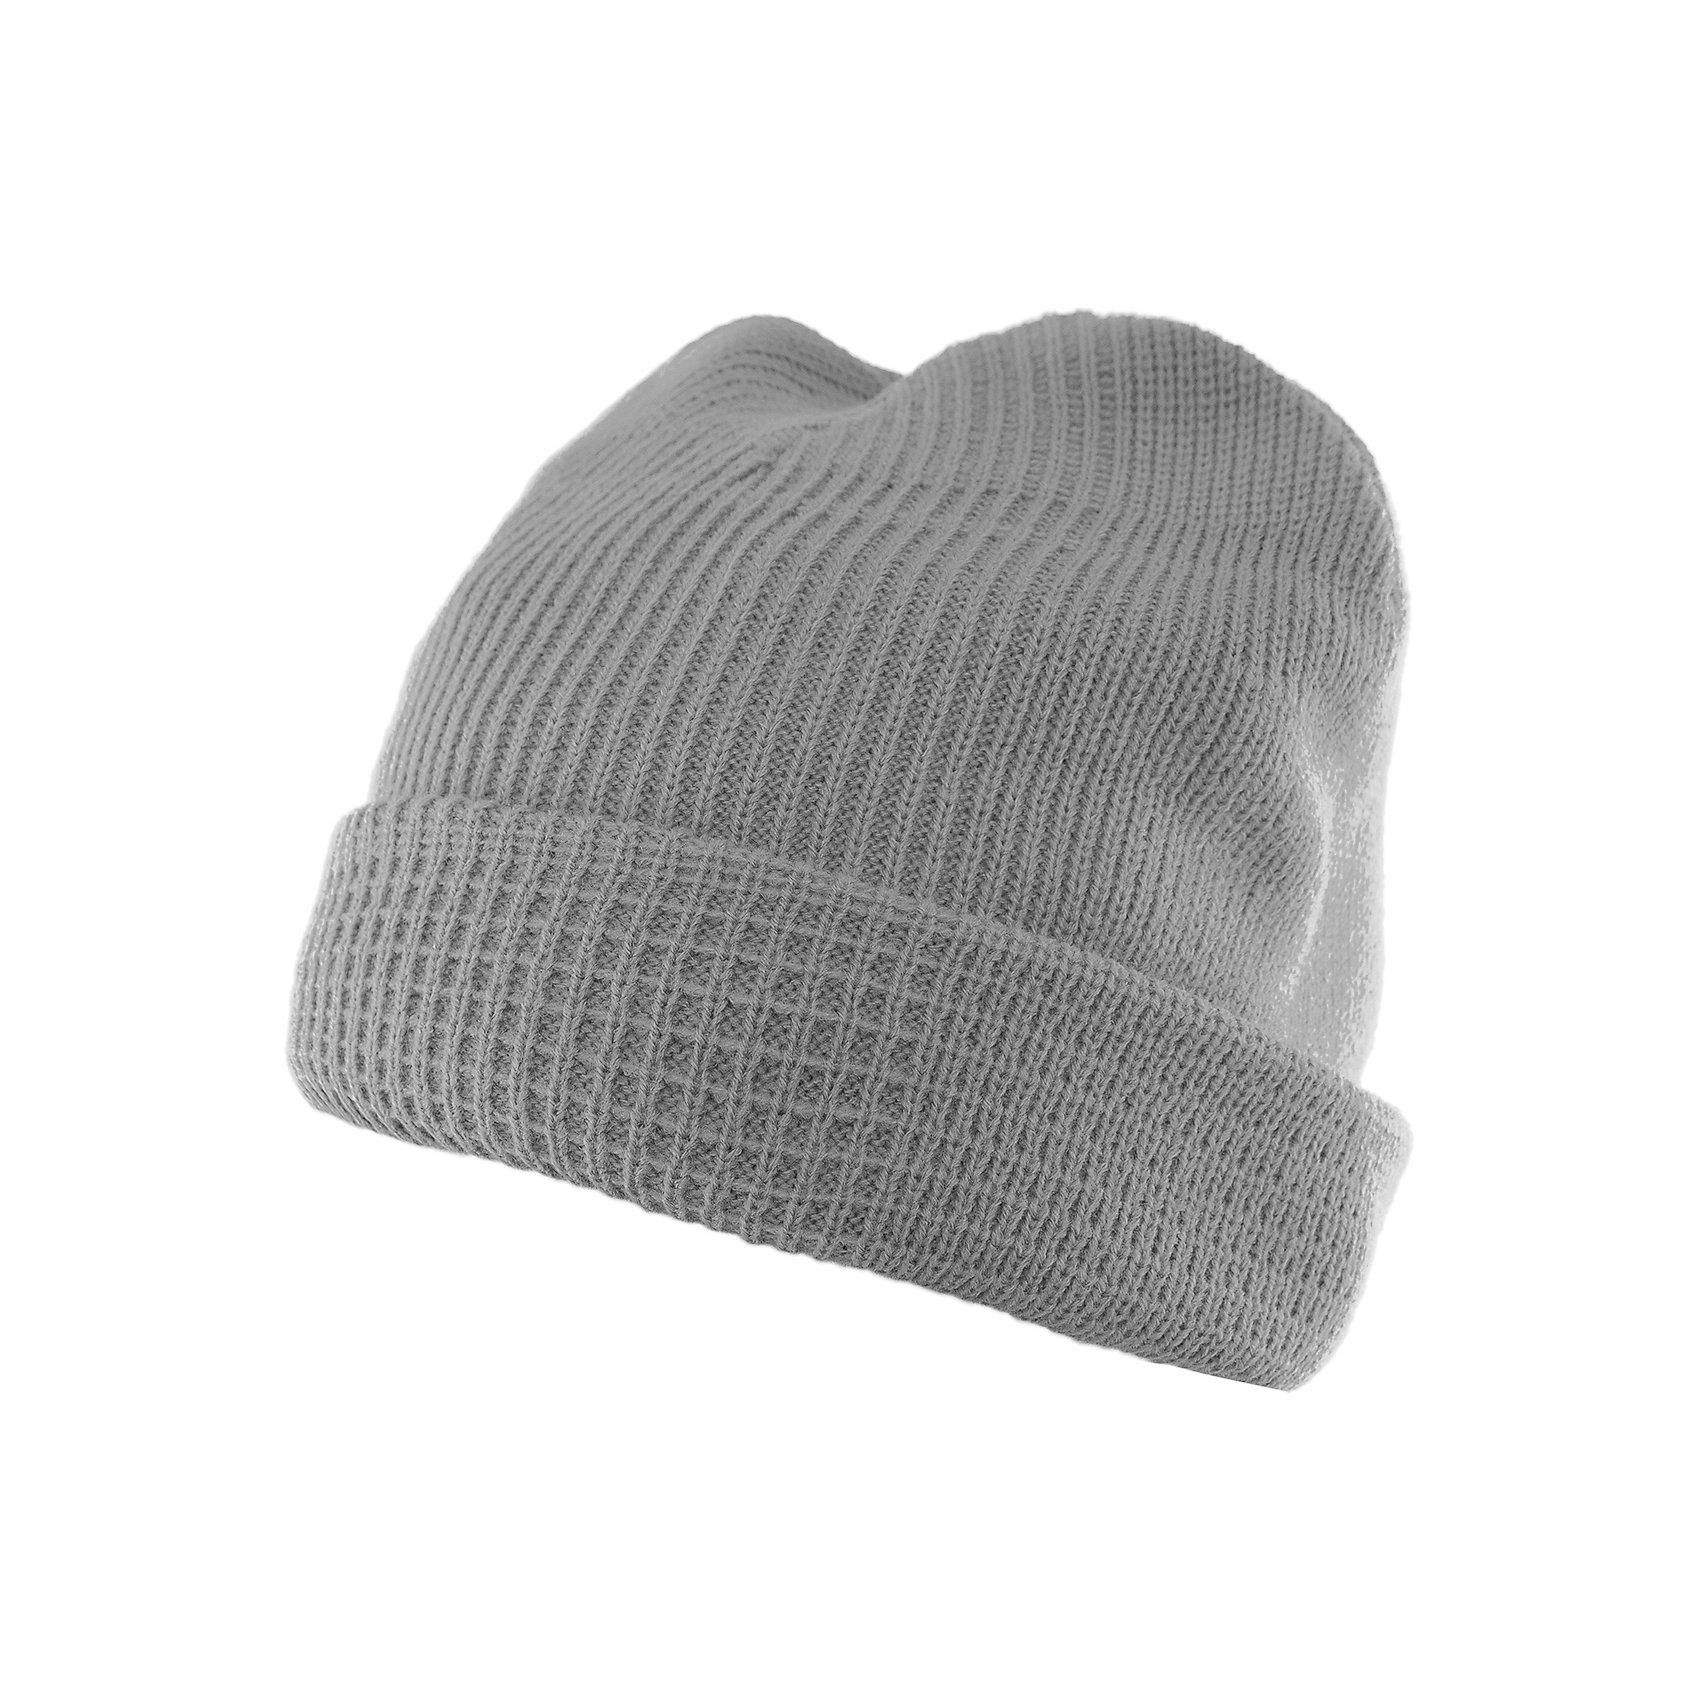 Шапка для мальчика SELAСимпатичная удобная шапка - незаменимая вещь в прохладное время года. Эта модель отлично сидит на ребенке, она сделана из плотного материала, позволяет гулять с комфортом на свежем воздухе зимой. Качественная пряжа не вызывает аллергии и обеспечивает ребенку комфорт. Модель будет уместна в различных сочетаниях.<br>Одежда от бренда Sela (Села) - это качество по приемлемым ценам. Многие российские родители уже оценили преимущества продукции этой компании и всё чаще приобретают одежду и аксессуары Sela.<br><br>Дополнительная информация:<br><br>материал: 100% акрил; подкладка:100% ПЭ;<br>вязаная резинка.<br><br>Шапку для мальчика от бренда Sela можно купить в нашем интернет-магазине.<br><br>Ширина мм: 89<br>Глубина мм: 117<br>Высота мм: 44<br>Вес г: 155<br>Цвет: серый<br>Возраст от месяцев: 84<br>Возраст до месяцев: 120<br>Пол: Мужской<br>Возраст: Детский<br>Размер: 54-56<br>SKU: 4919588